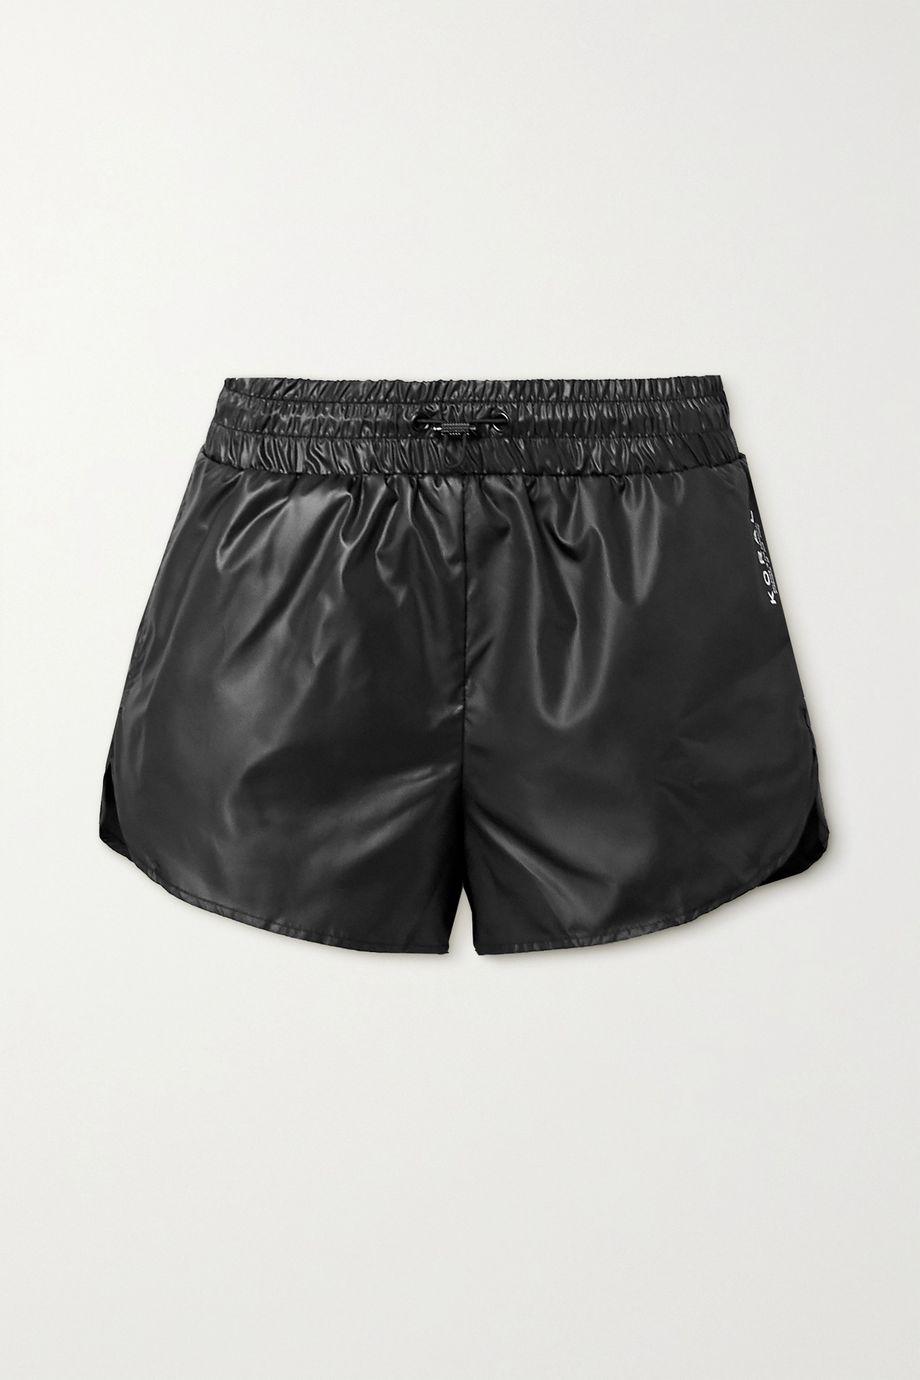 Koral Prep Zephyr shell shorts